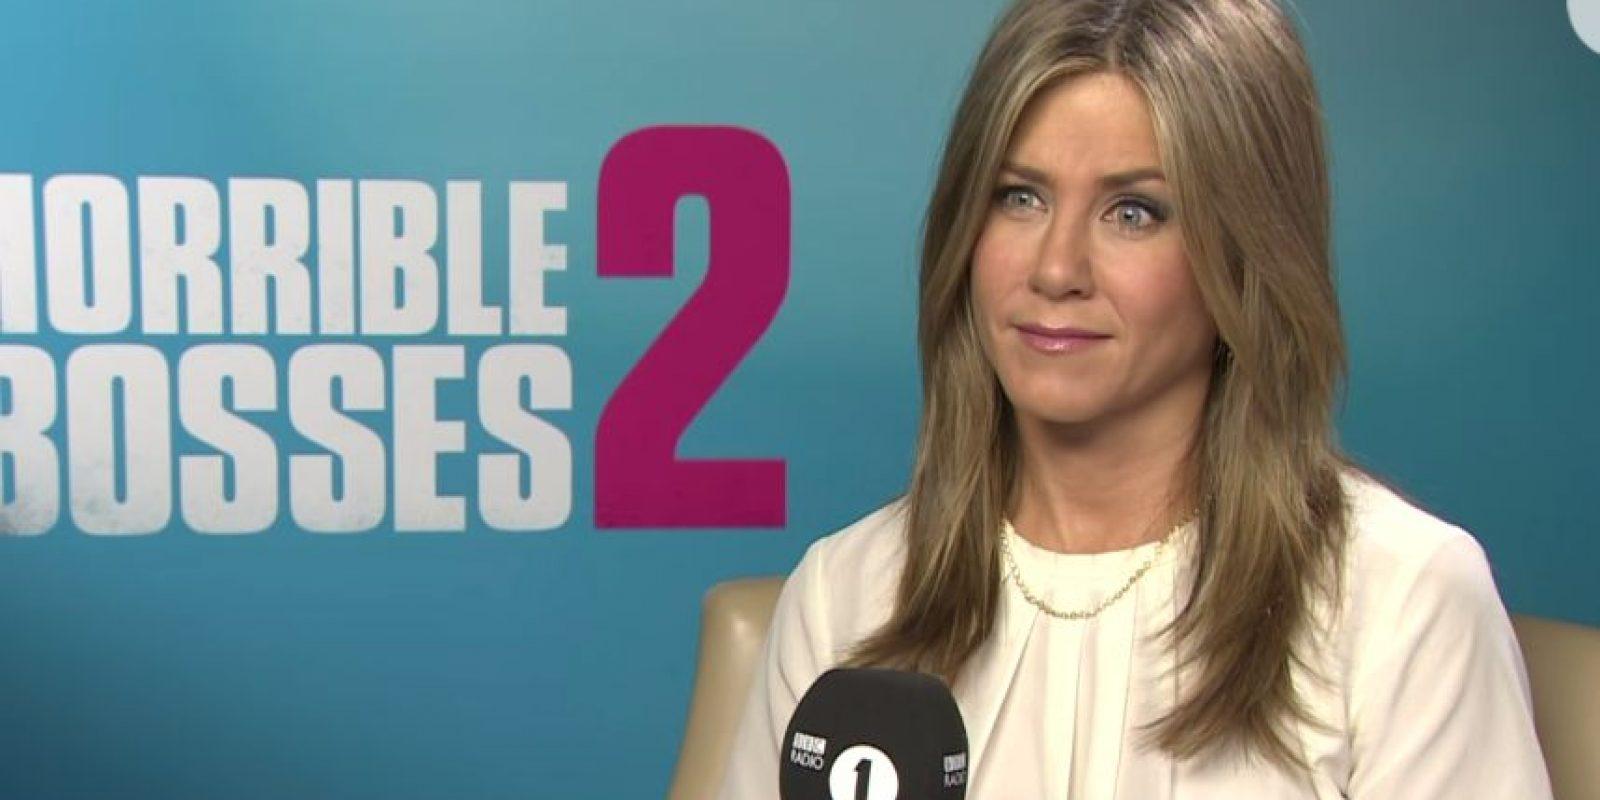 """Se ganó los elogios de la crítica por sus interpretaciones en películas independientes como """"She's the One"""" (1996), """"Office Space"""" (1999), """"The Good Girl"""" (2002) y """"Friends with Money"""" (2006) Foto:BBC Radio 1"""